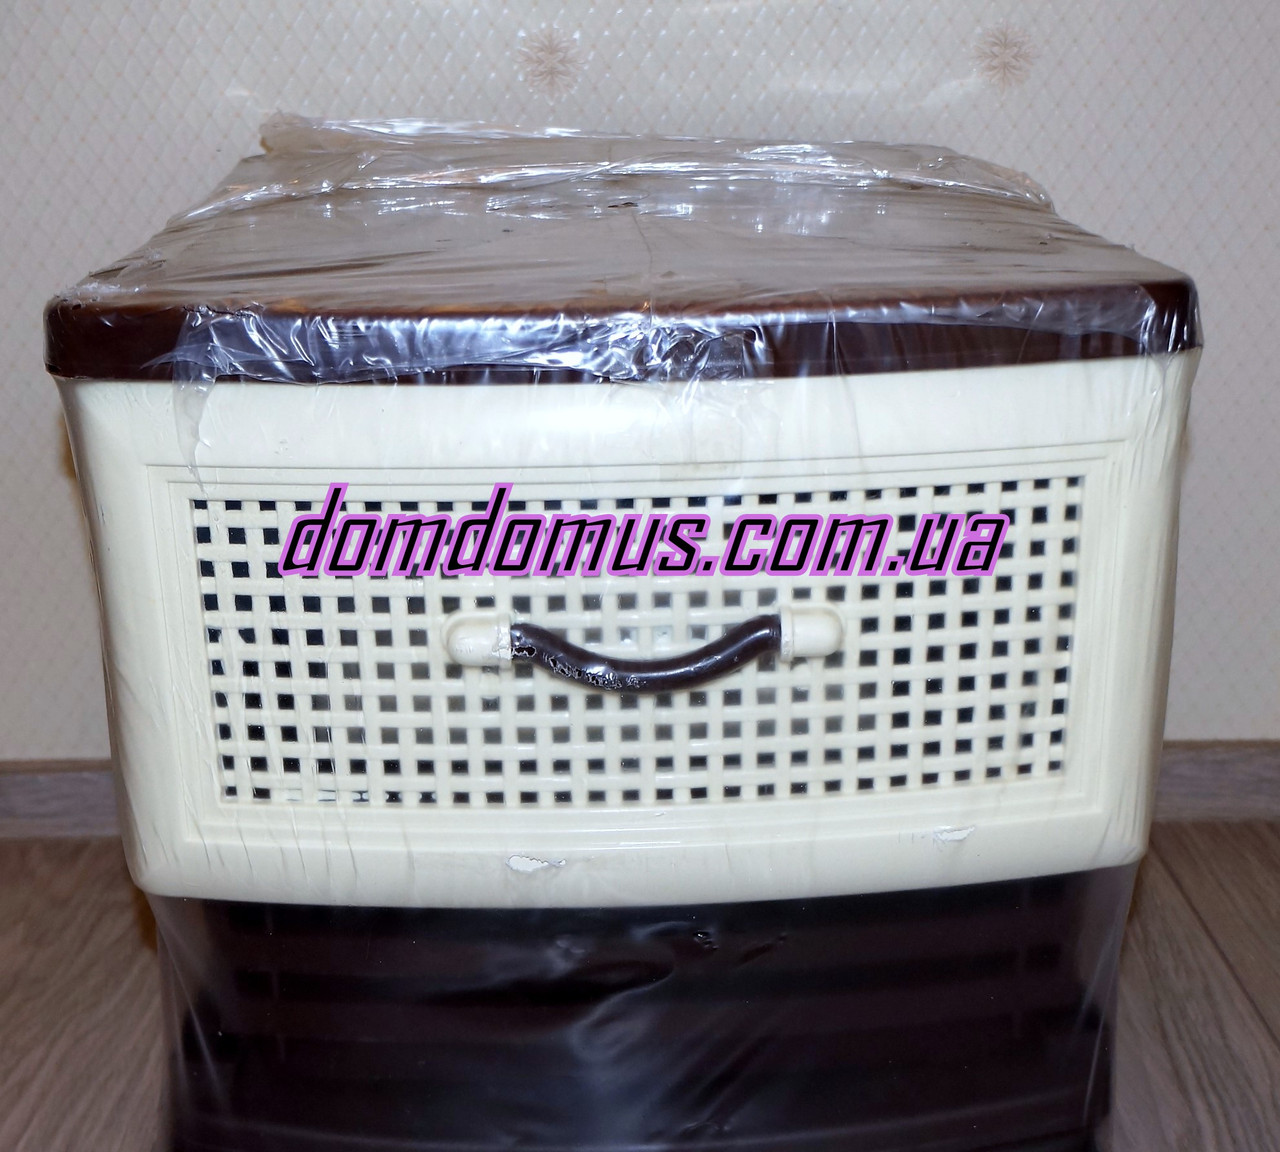 Комод пластиковый 4 ящика Фаворит, бежевый